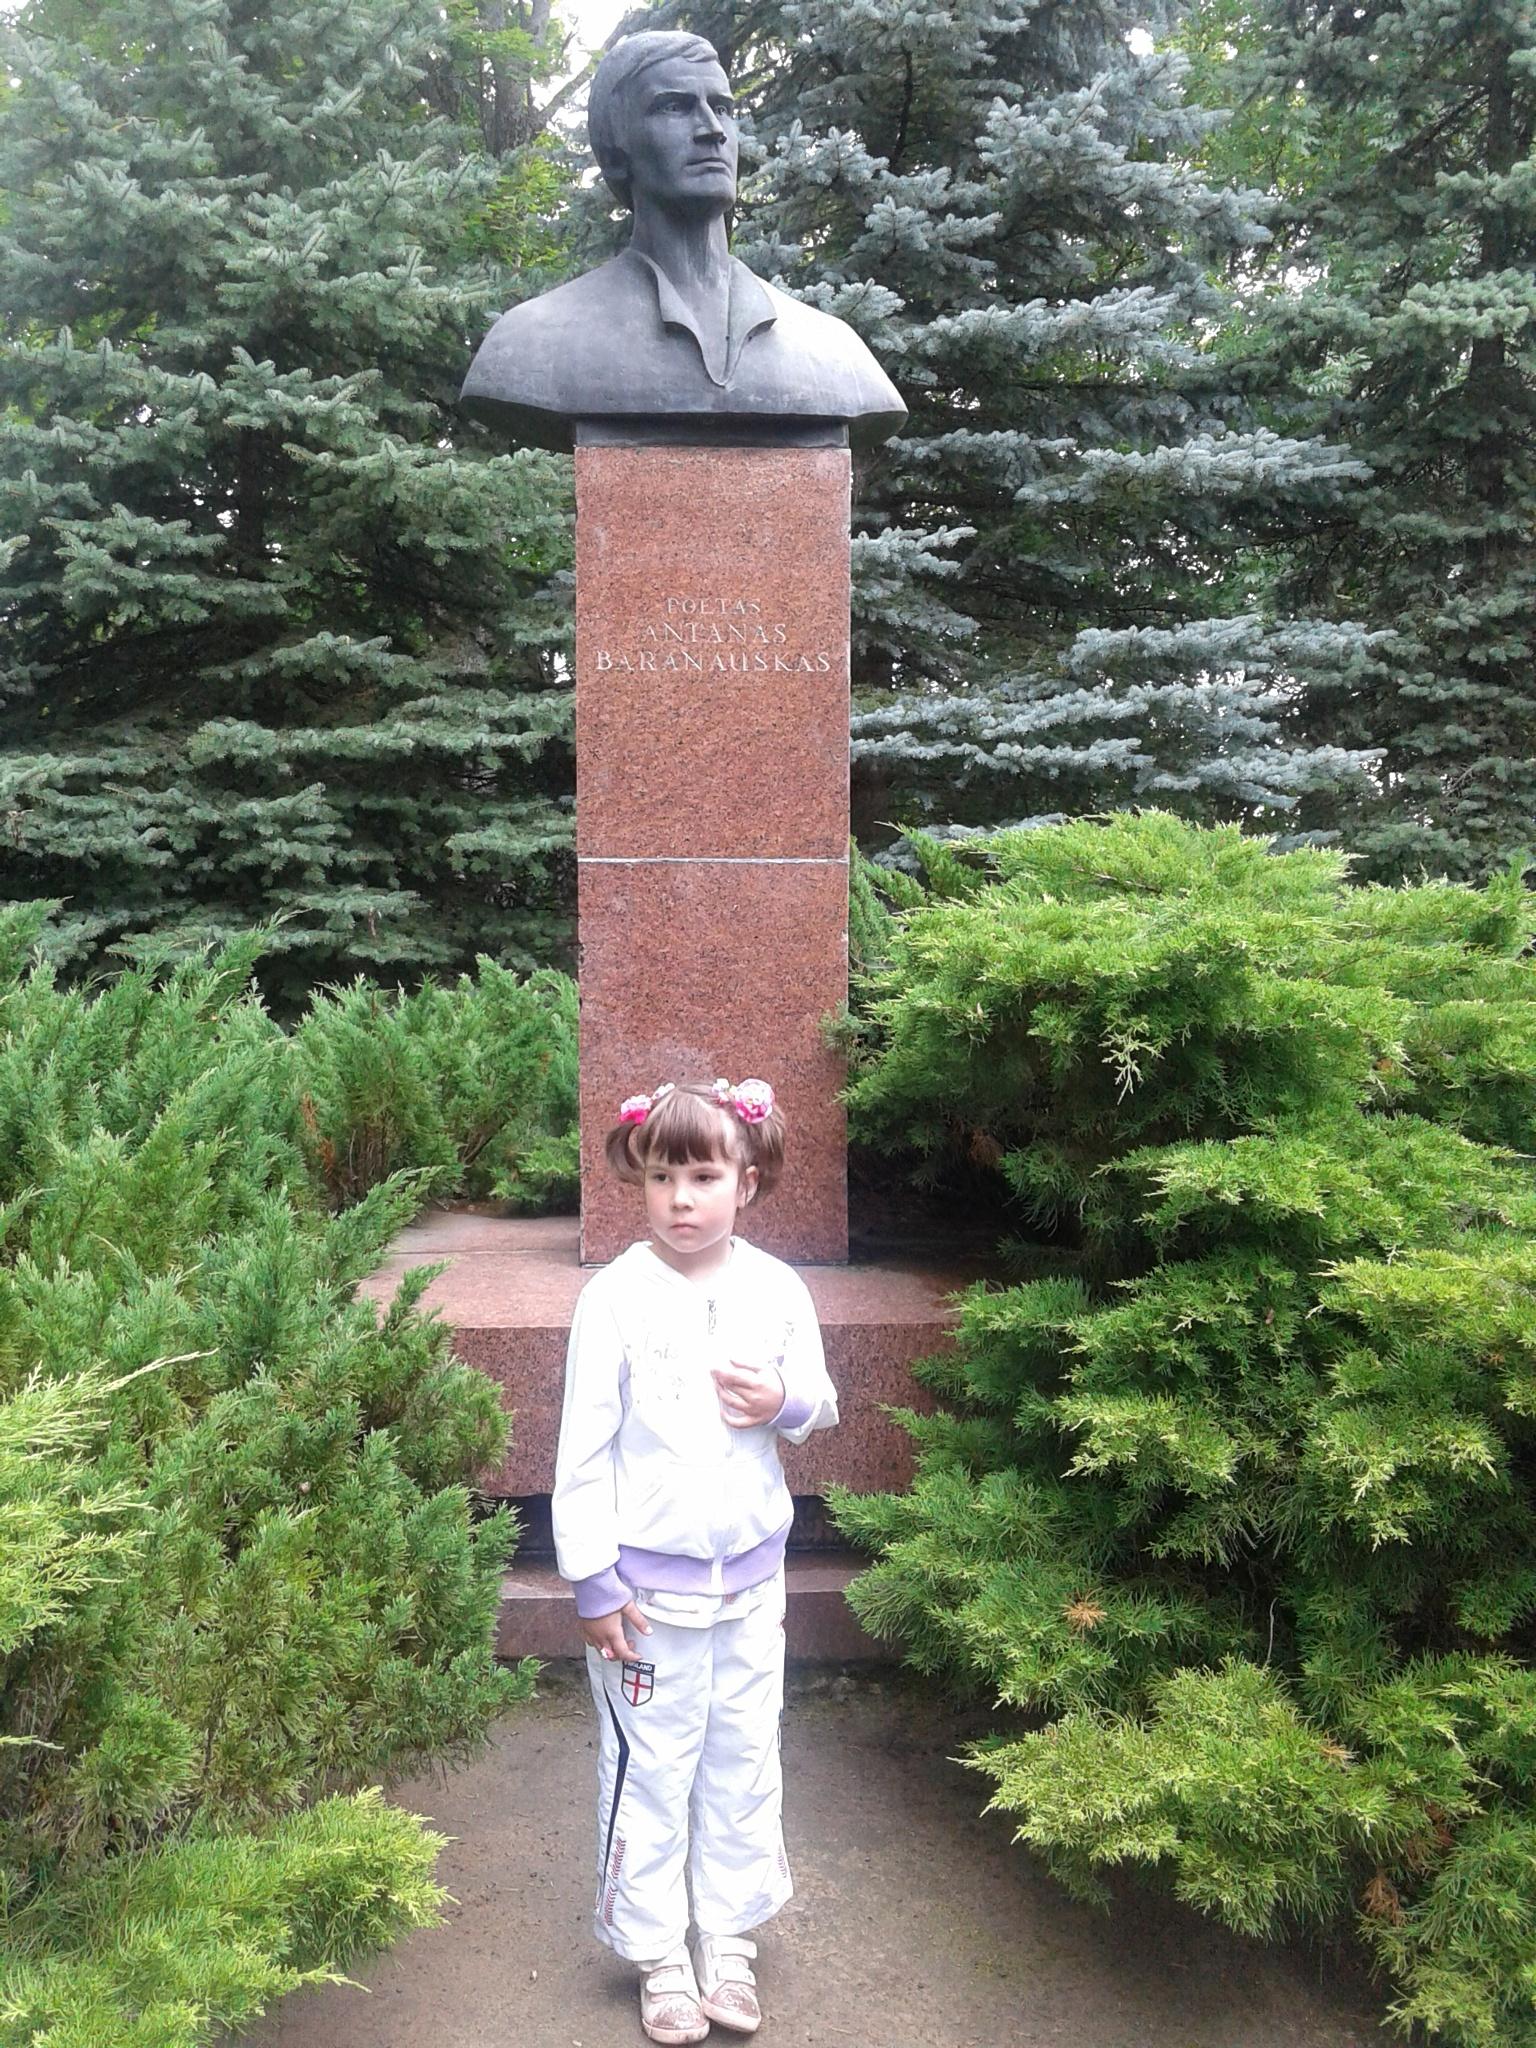 Monument  to the writer Antanas Baranauskas by uzkuraitiene62